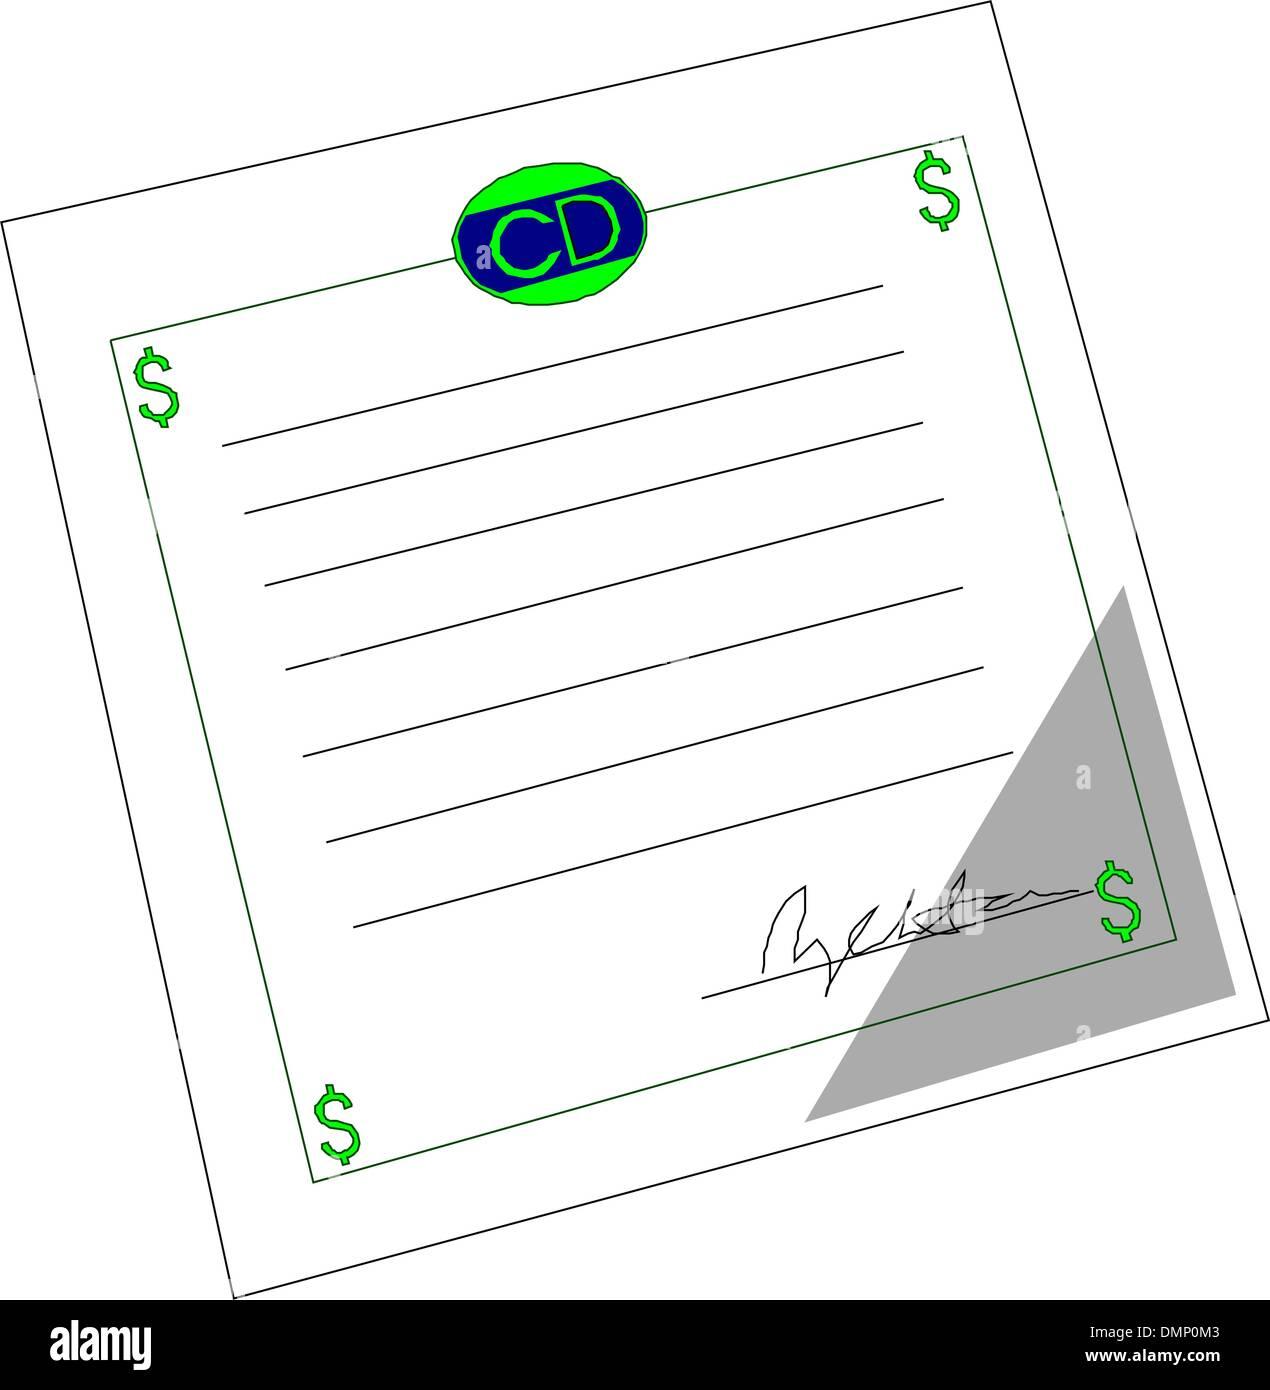 Certificate of deposit stock vector art illustration vector certificate of deposit 1betcityfo Images